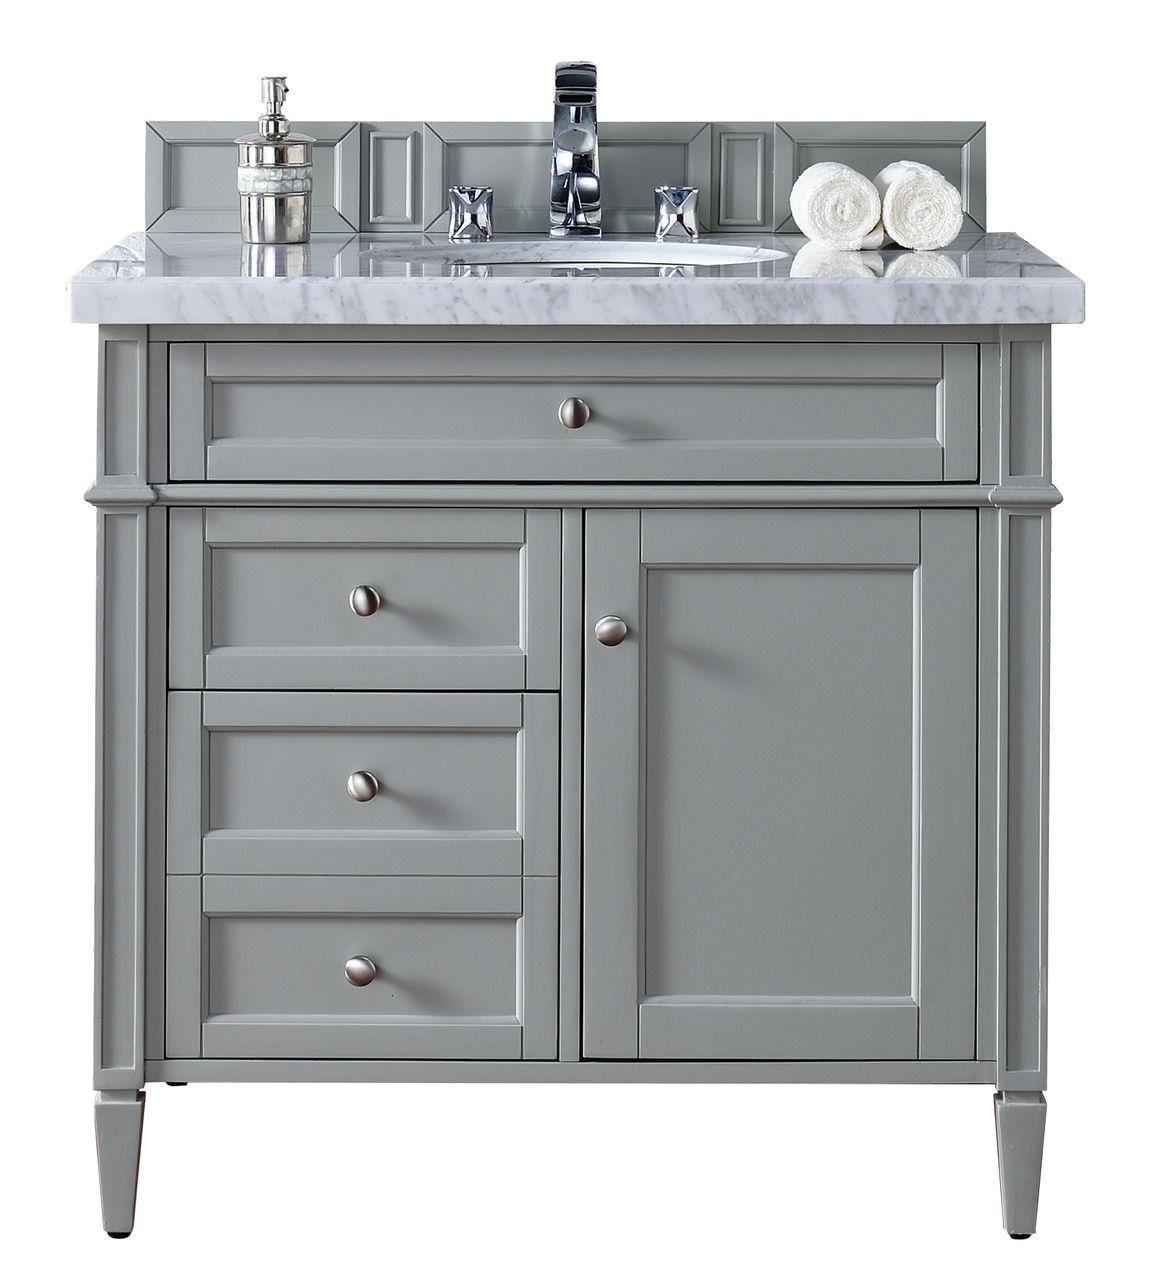 Contemporary 36 Inch Single Bathroom Vanity Gray Finish No Top